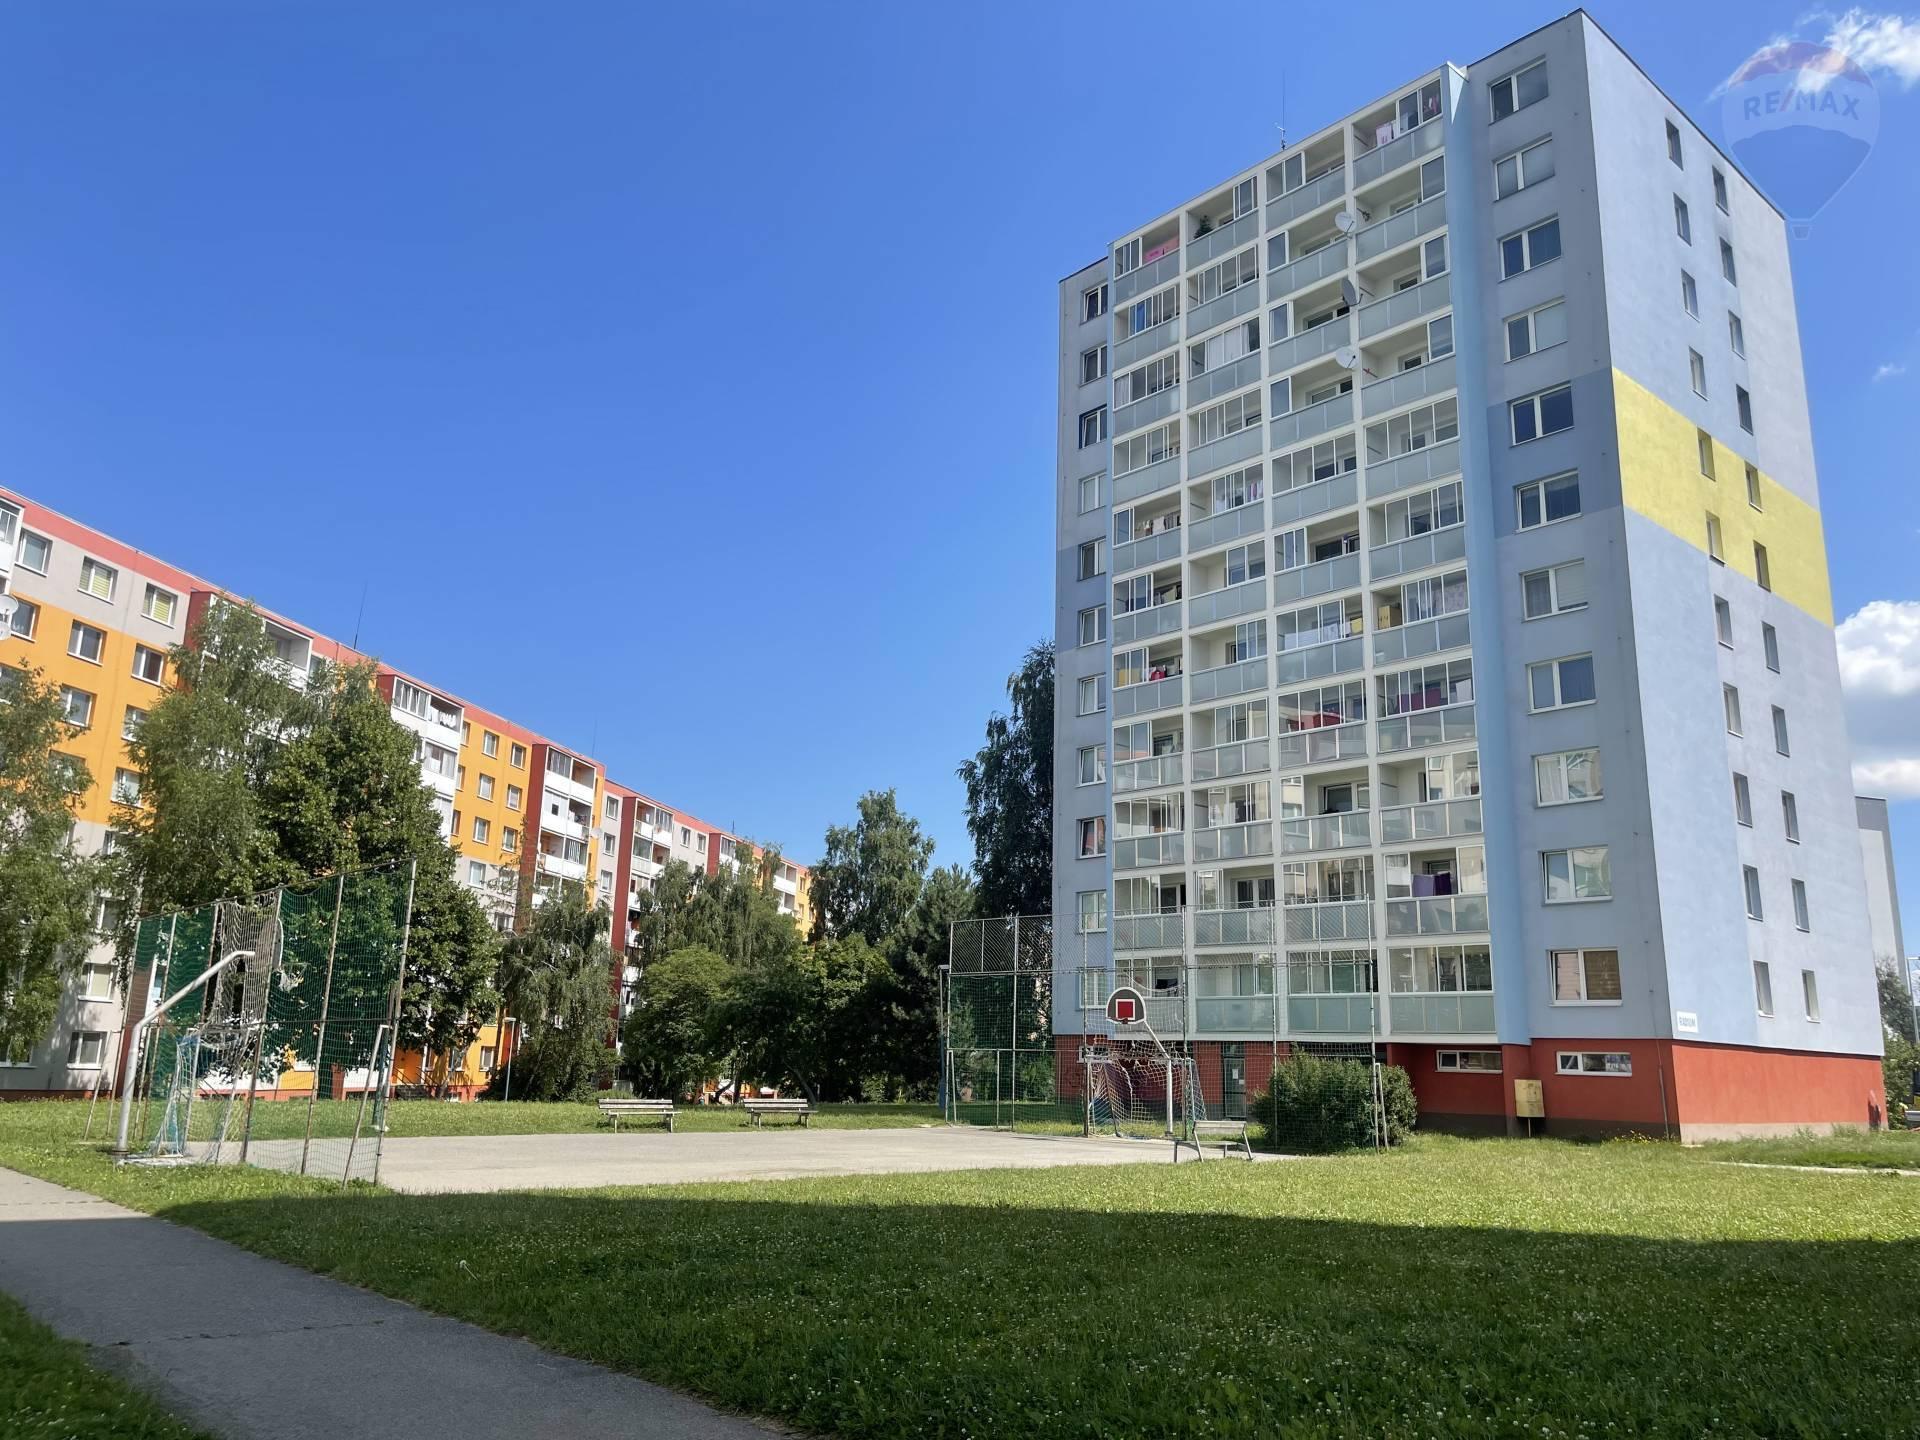 Predaj, 3 izb. byt, 2x loggia, ul. Bajkalská, Poprad